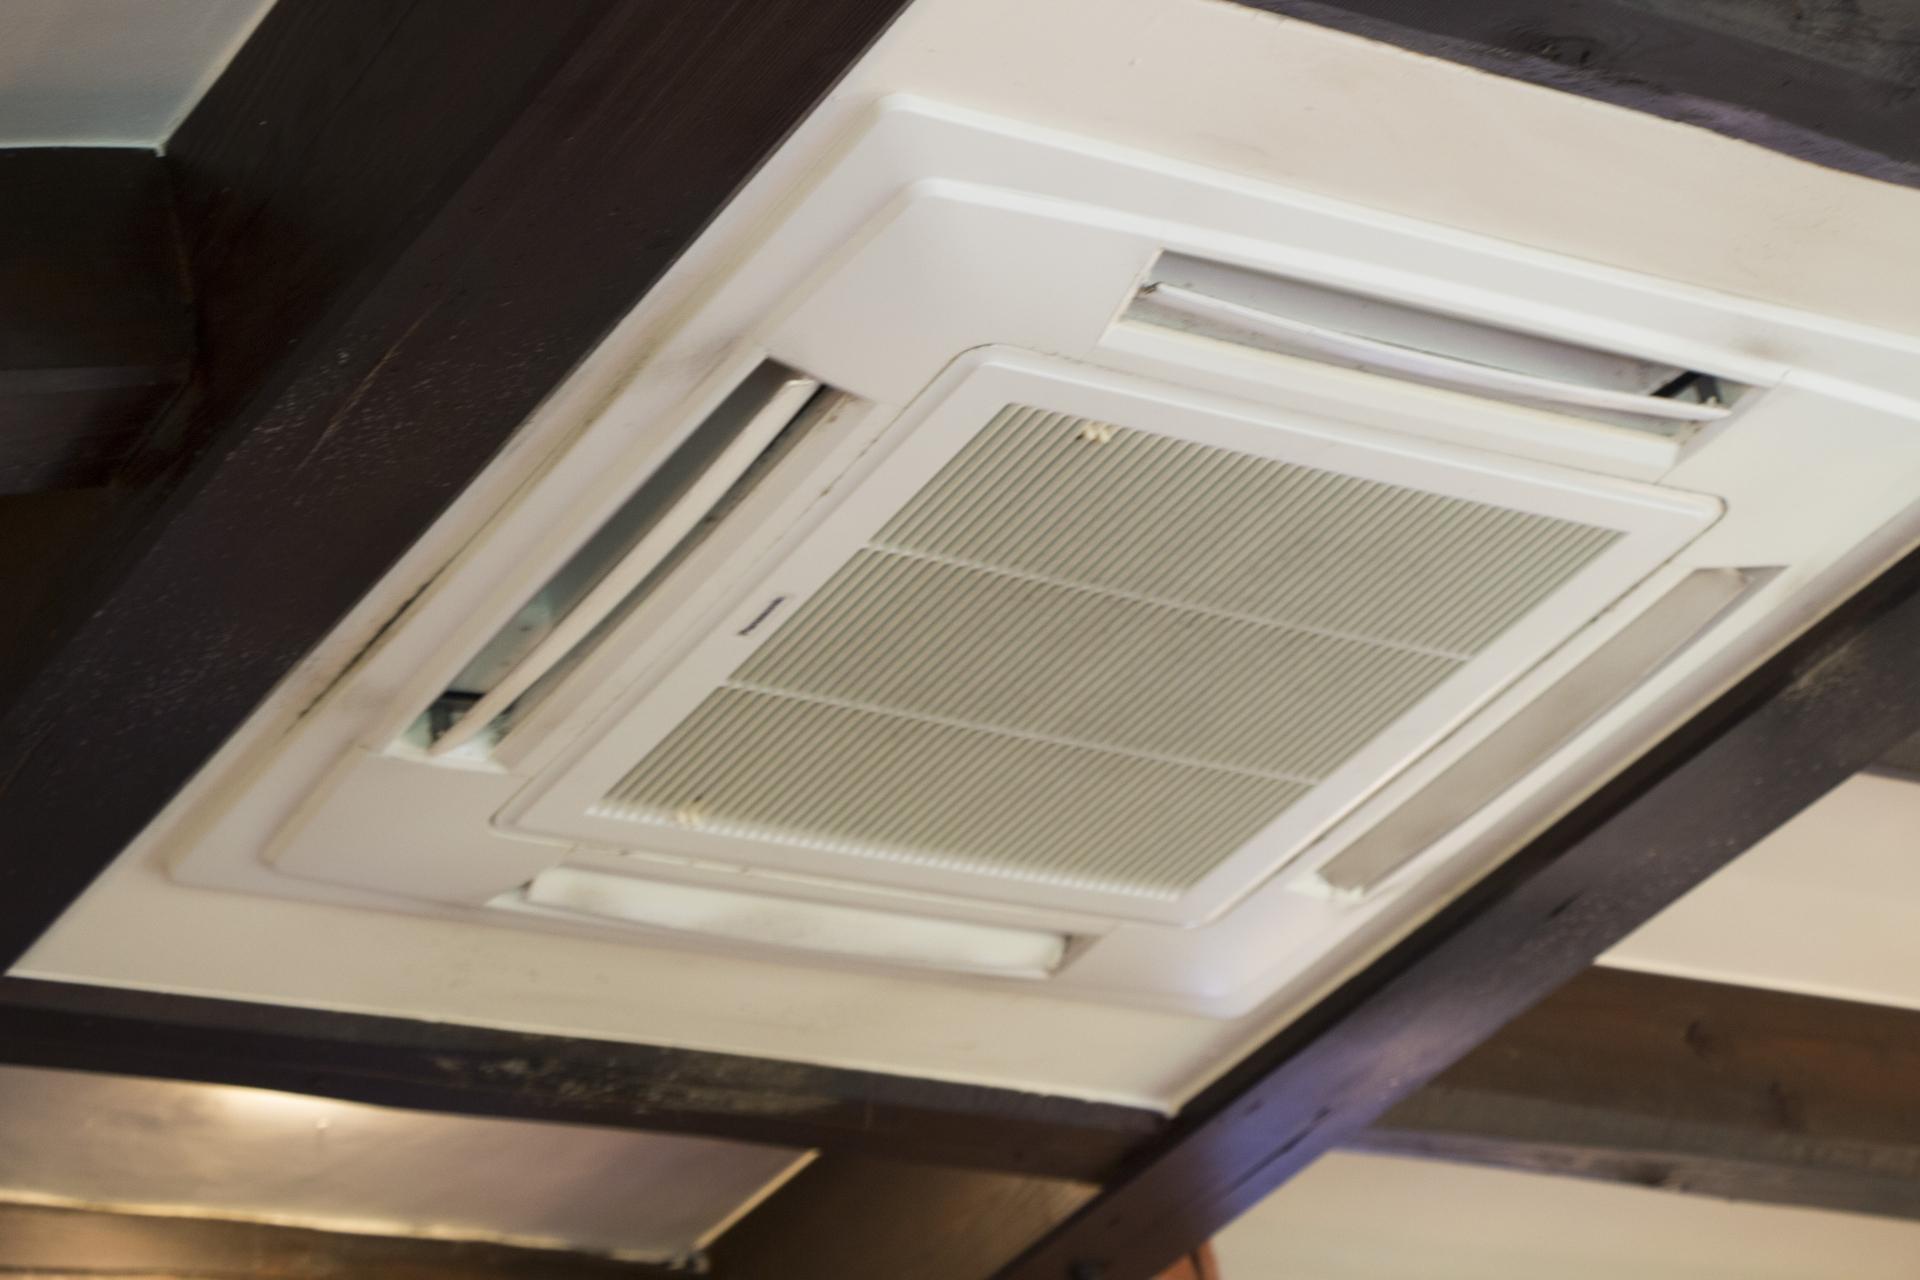 【活用事例】エアコンのIoT化による空調温度管理システム・省エネ対策